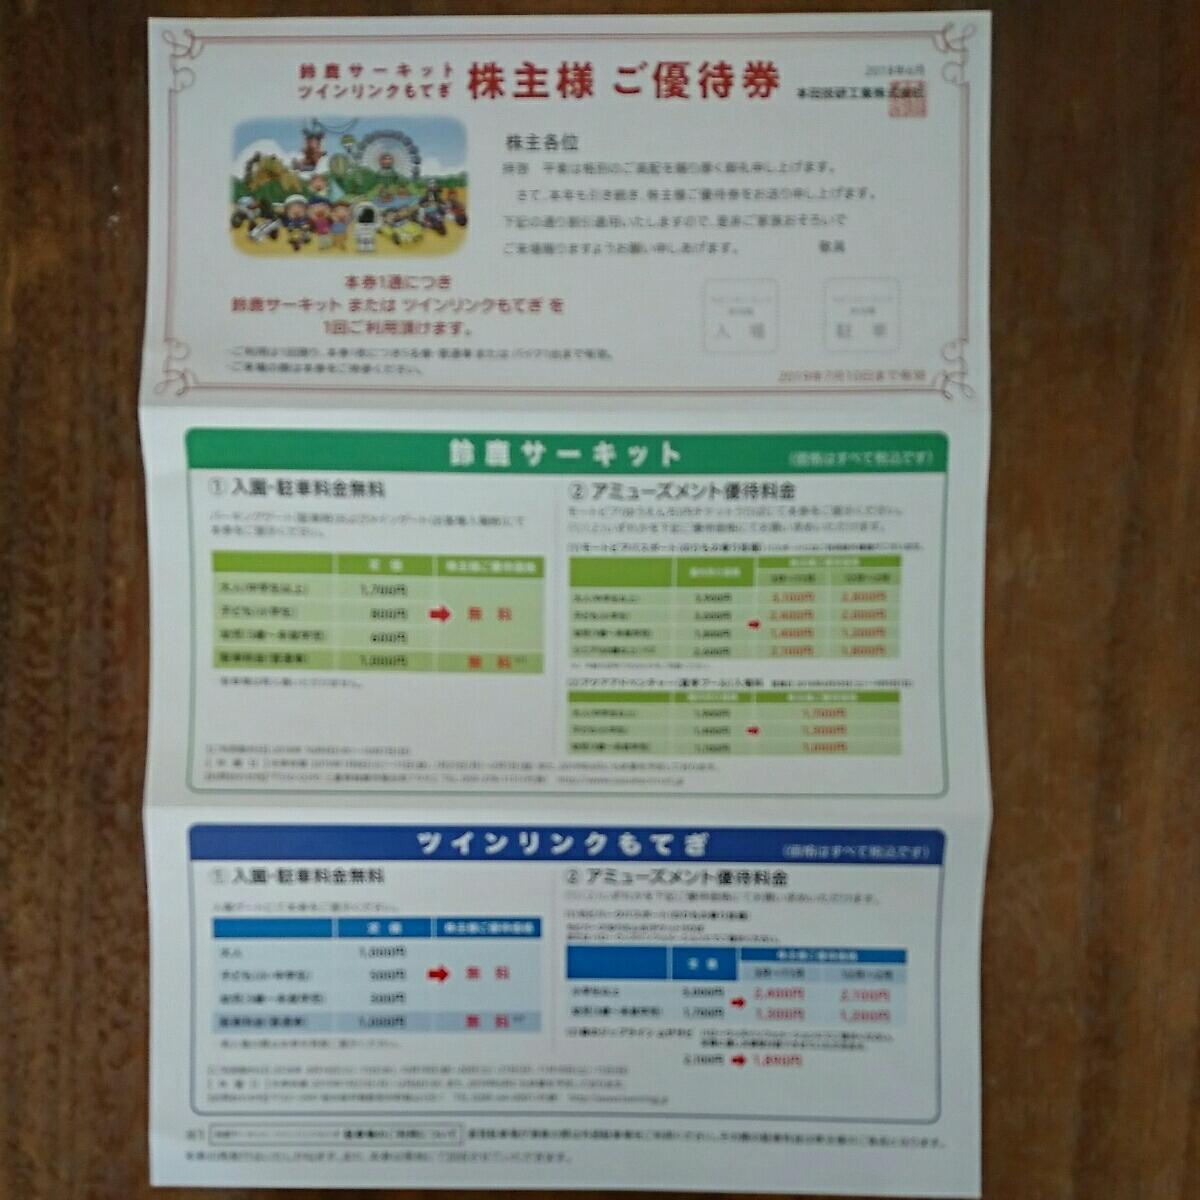 送料無料【鈴鹿サーキット/ツインリンクもてぎ】入園料金5名まで+駐車場無料